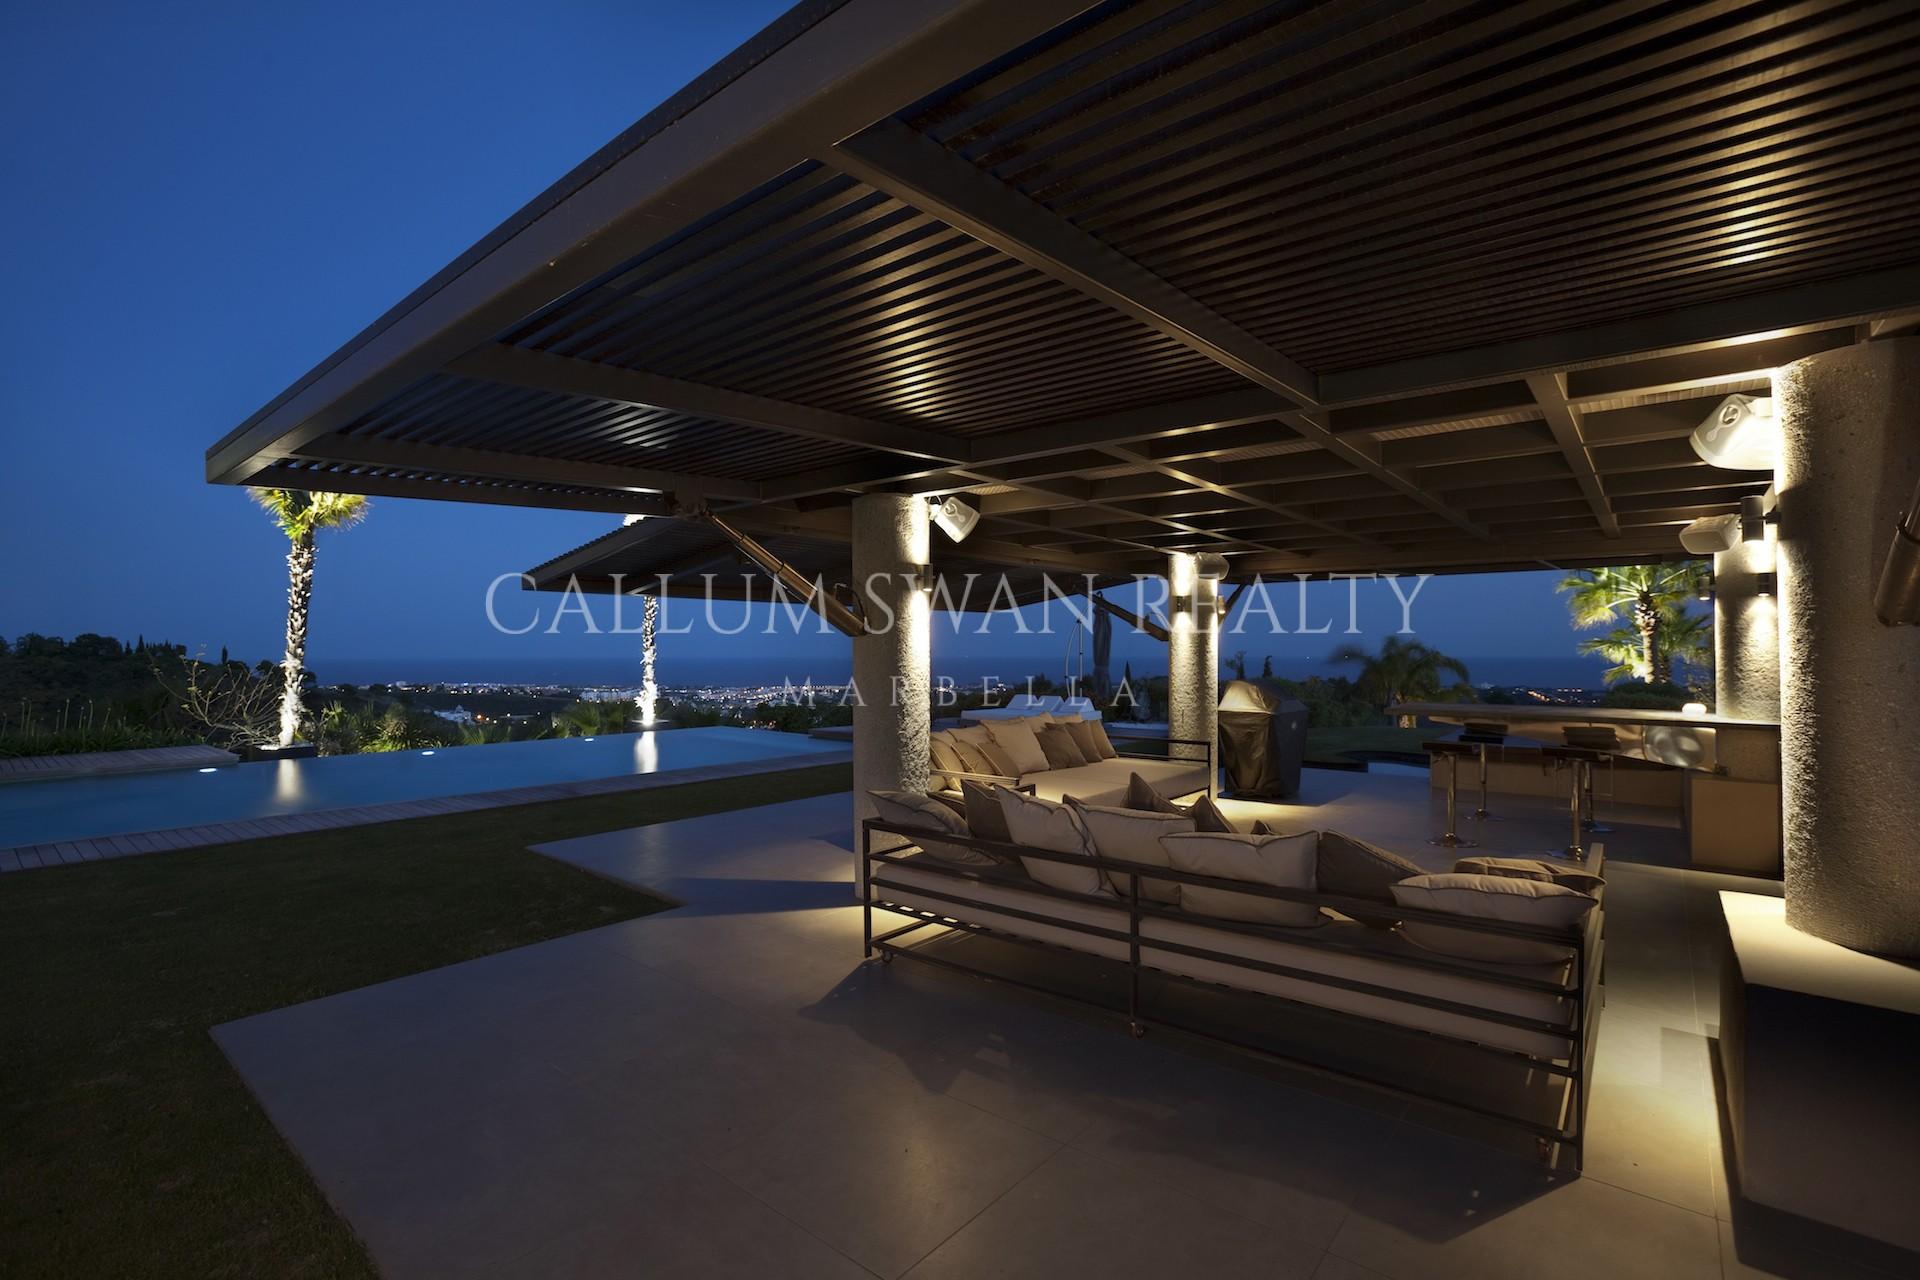 Villas and plots for sale near Marbella